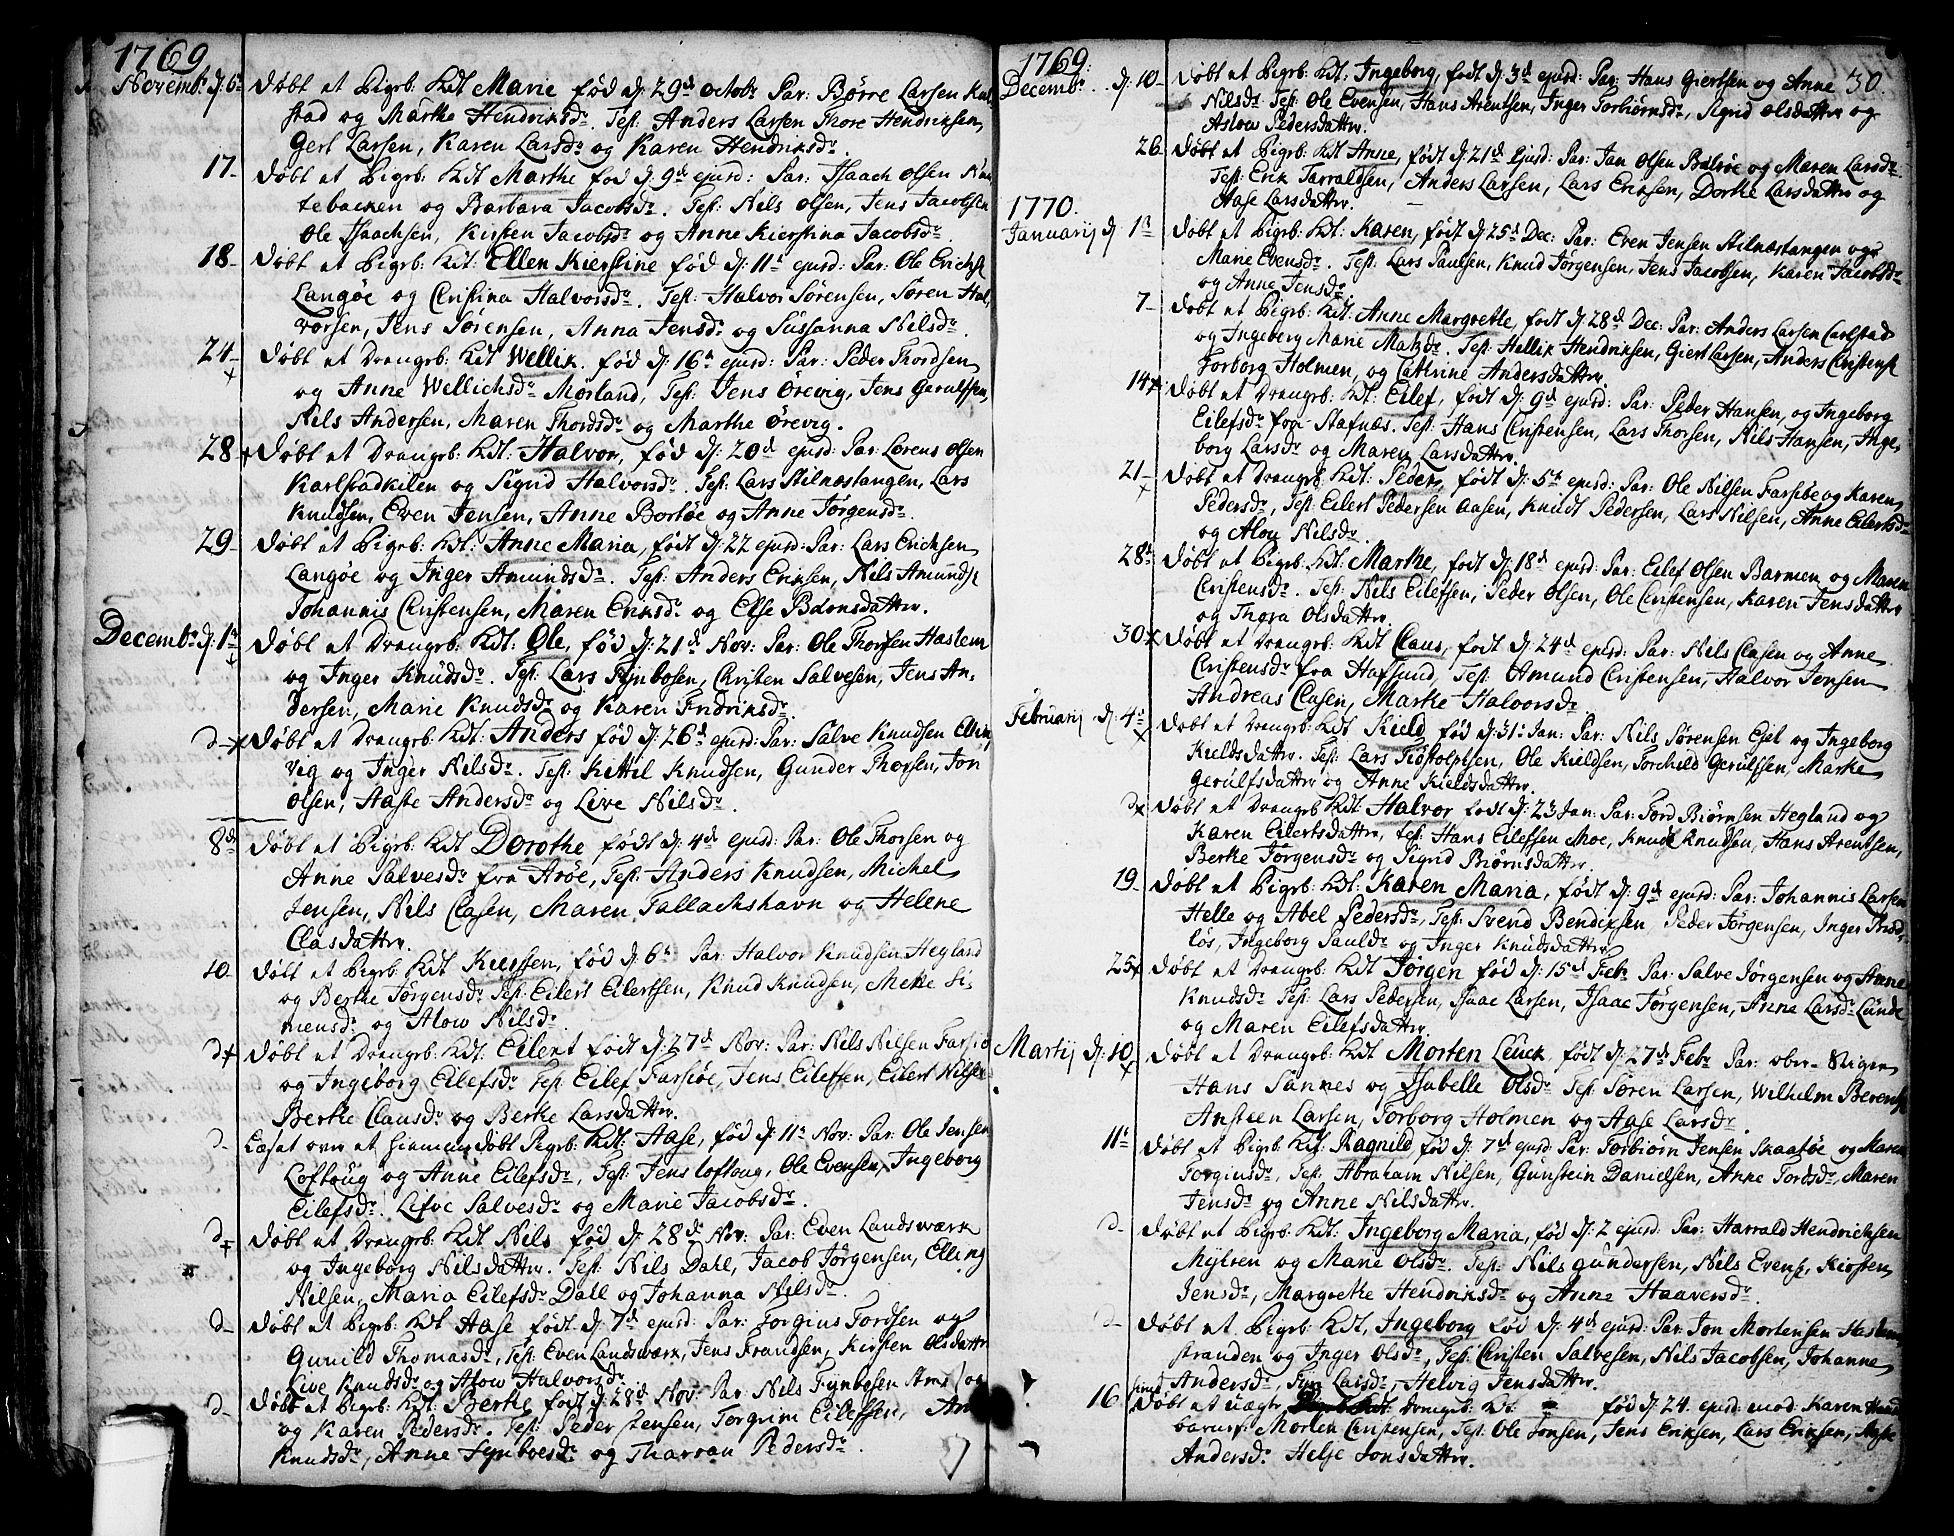 SAKO, Sannidal kirkebøker, F/Fa/L0002: Ministerialbok nr. 2, 1767-1802, s. 30